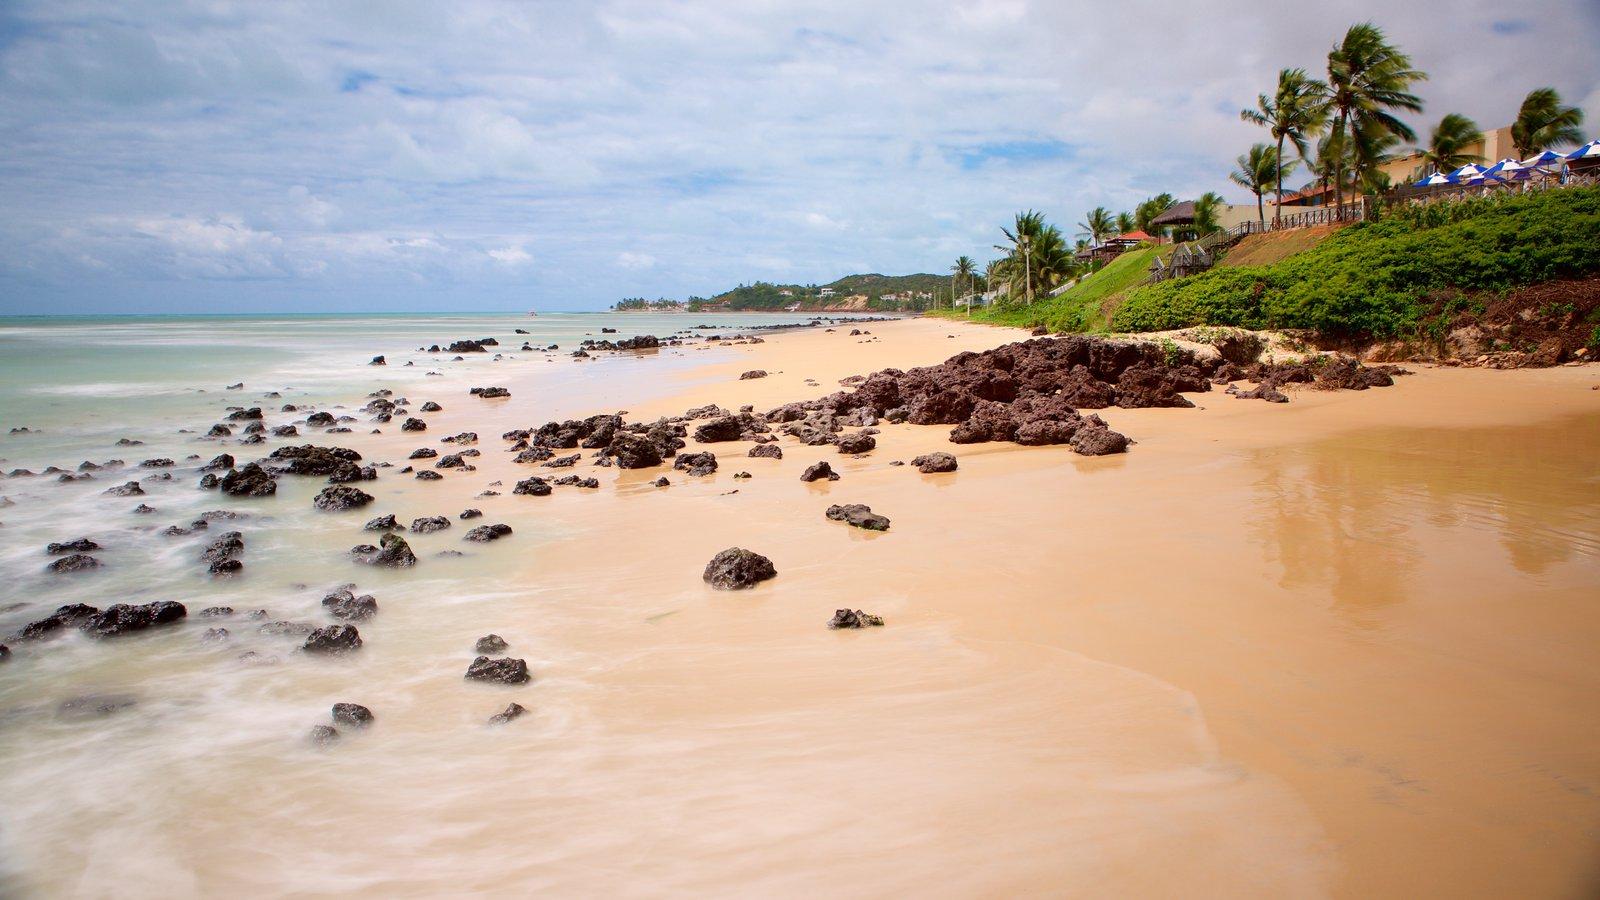 Praia de Pirangi que inclui cenas tropicais, uma praia de areia e paisagens litorâneas